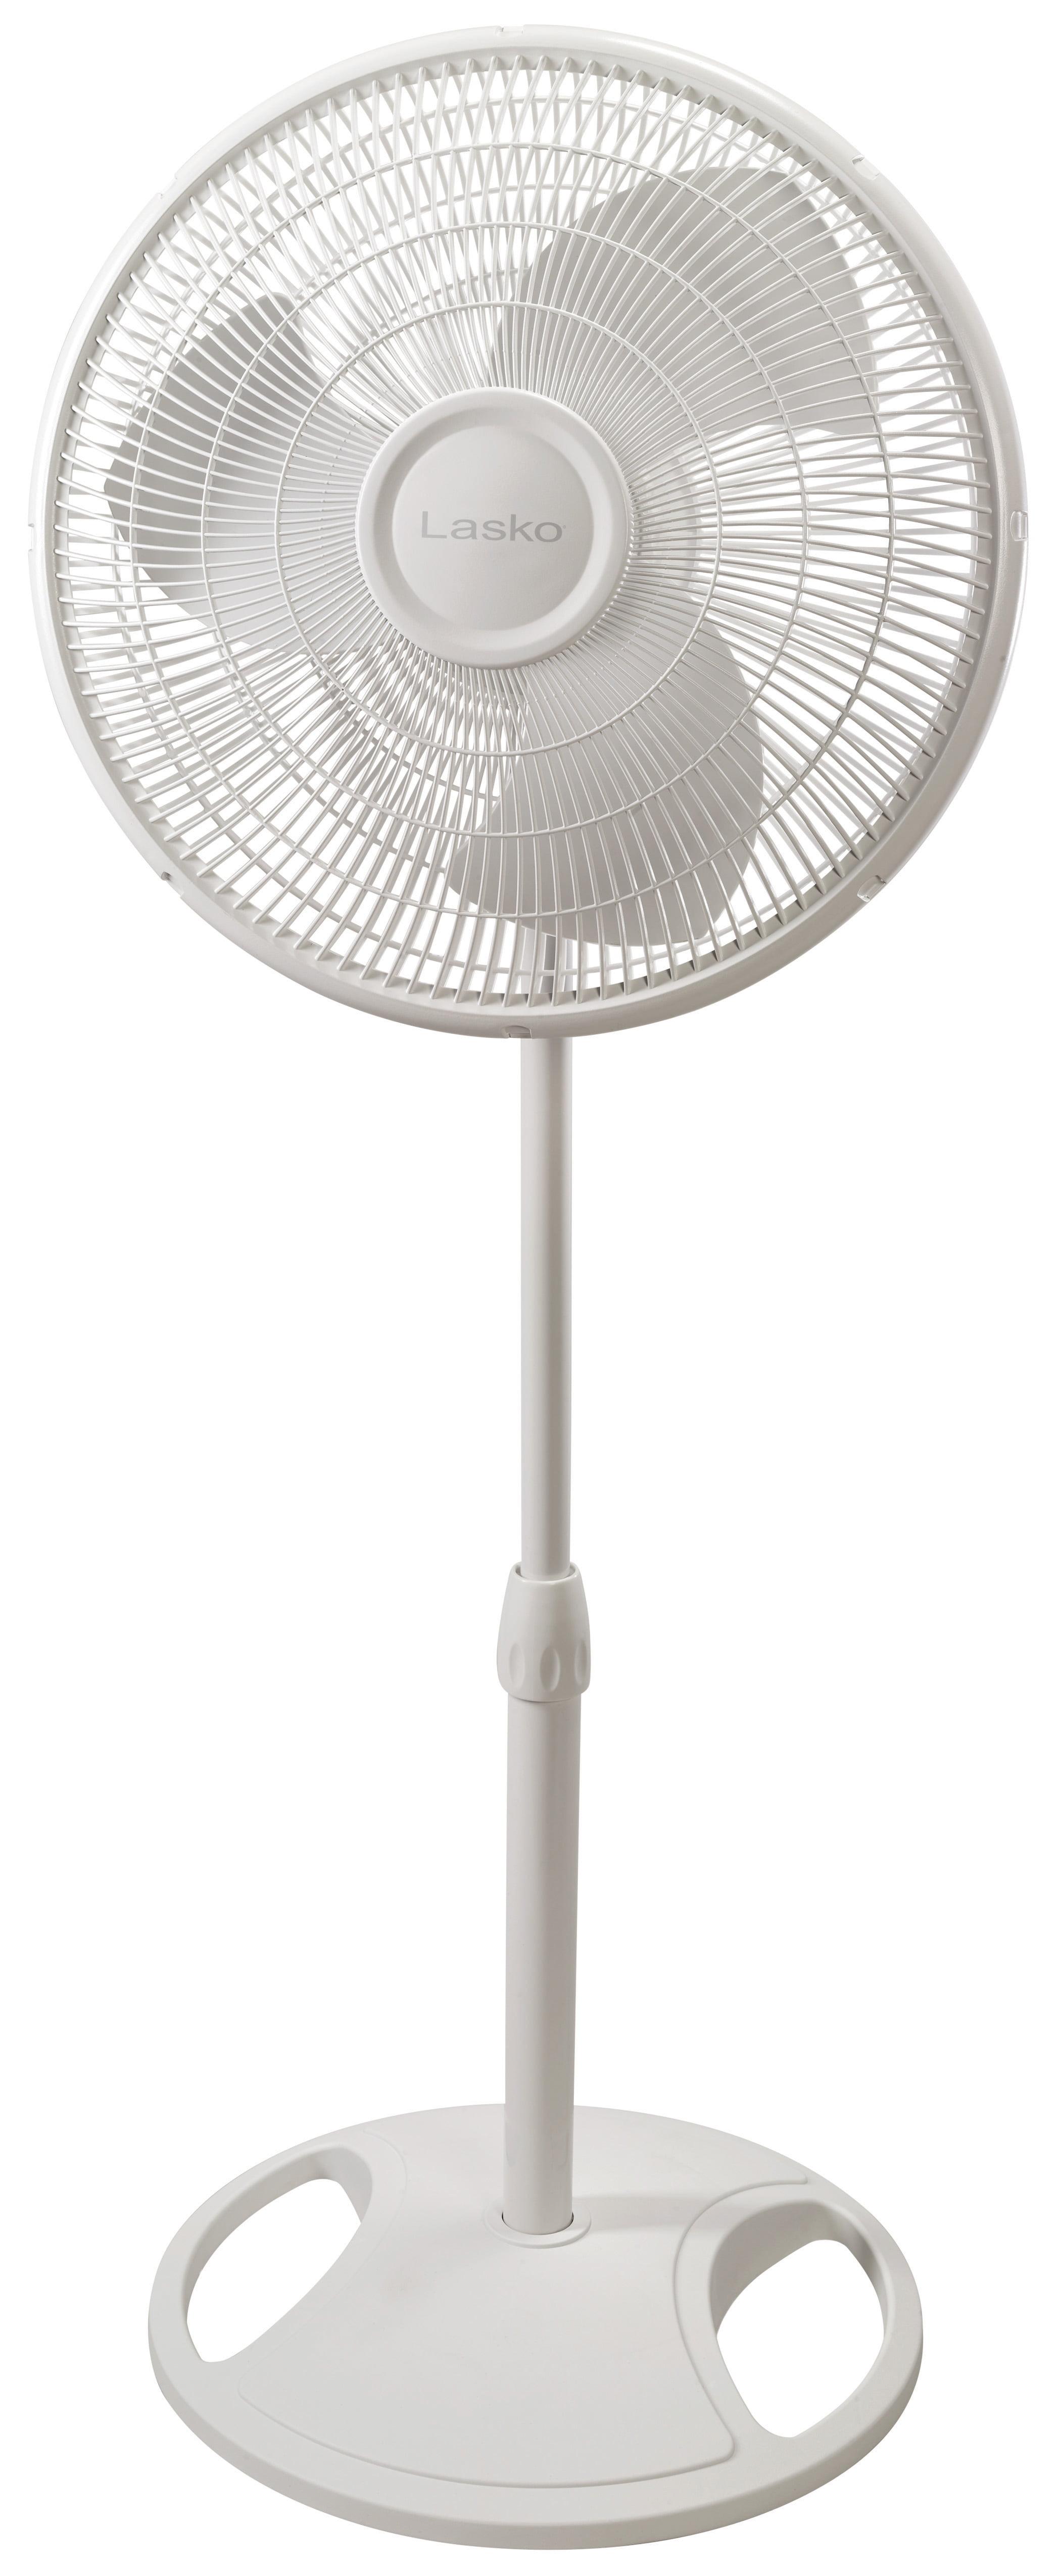 16 Pedestal Fan